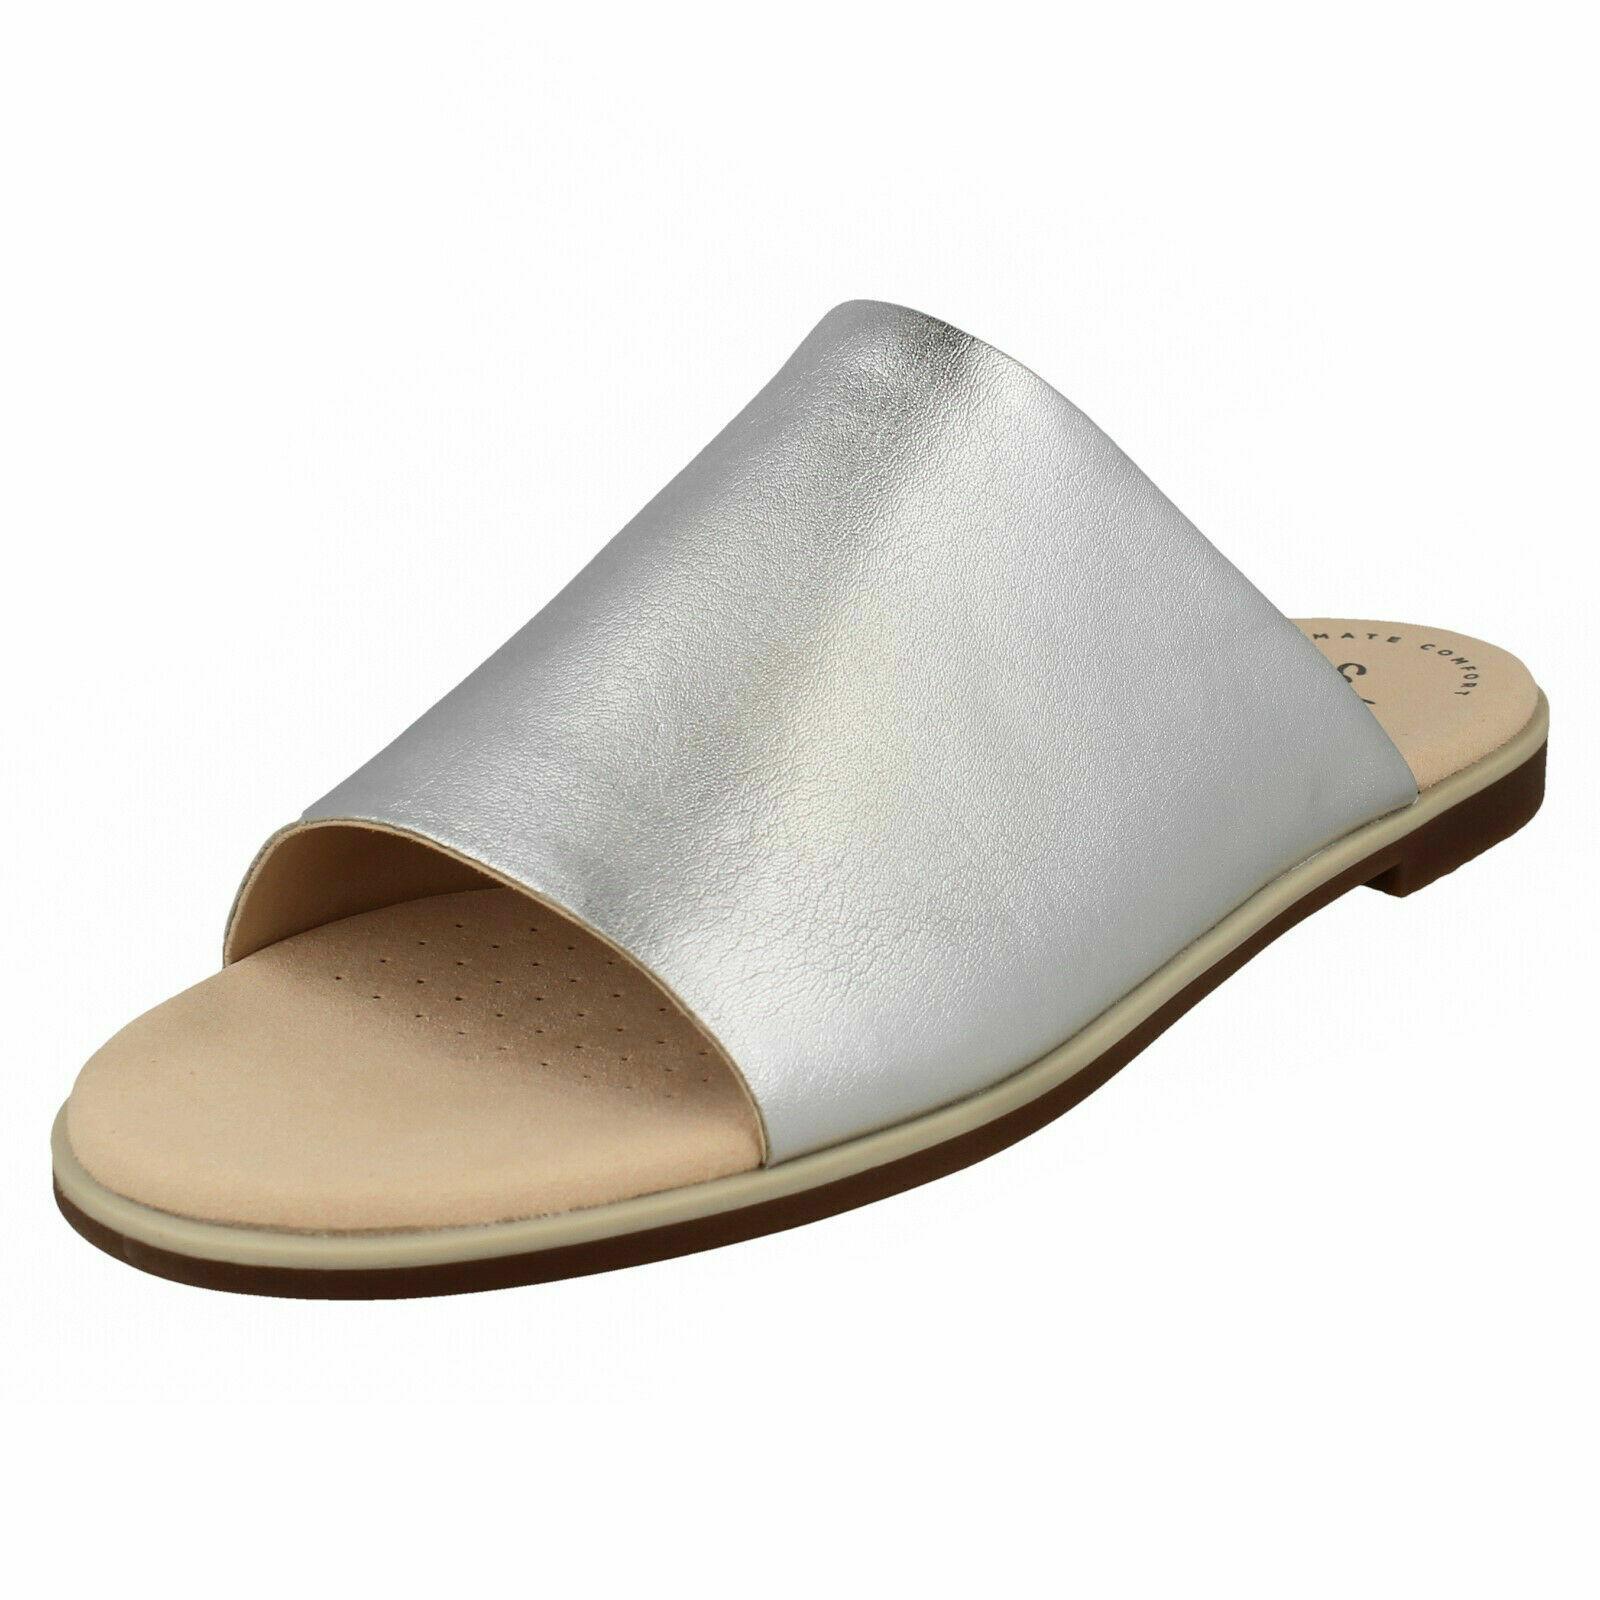 Damen Clarks& 039; Bucht Blaumenblatt& 039; Freizeit Silber Leder Flach Pantoffeln Sandalen